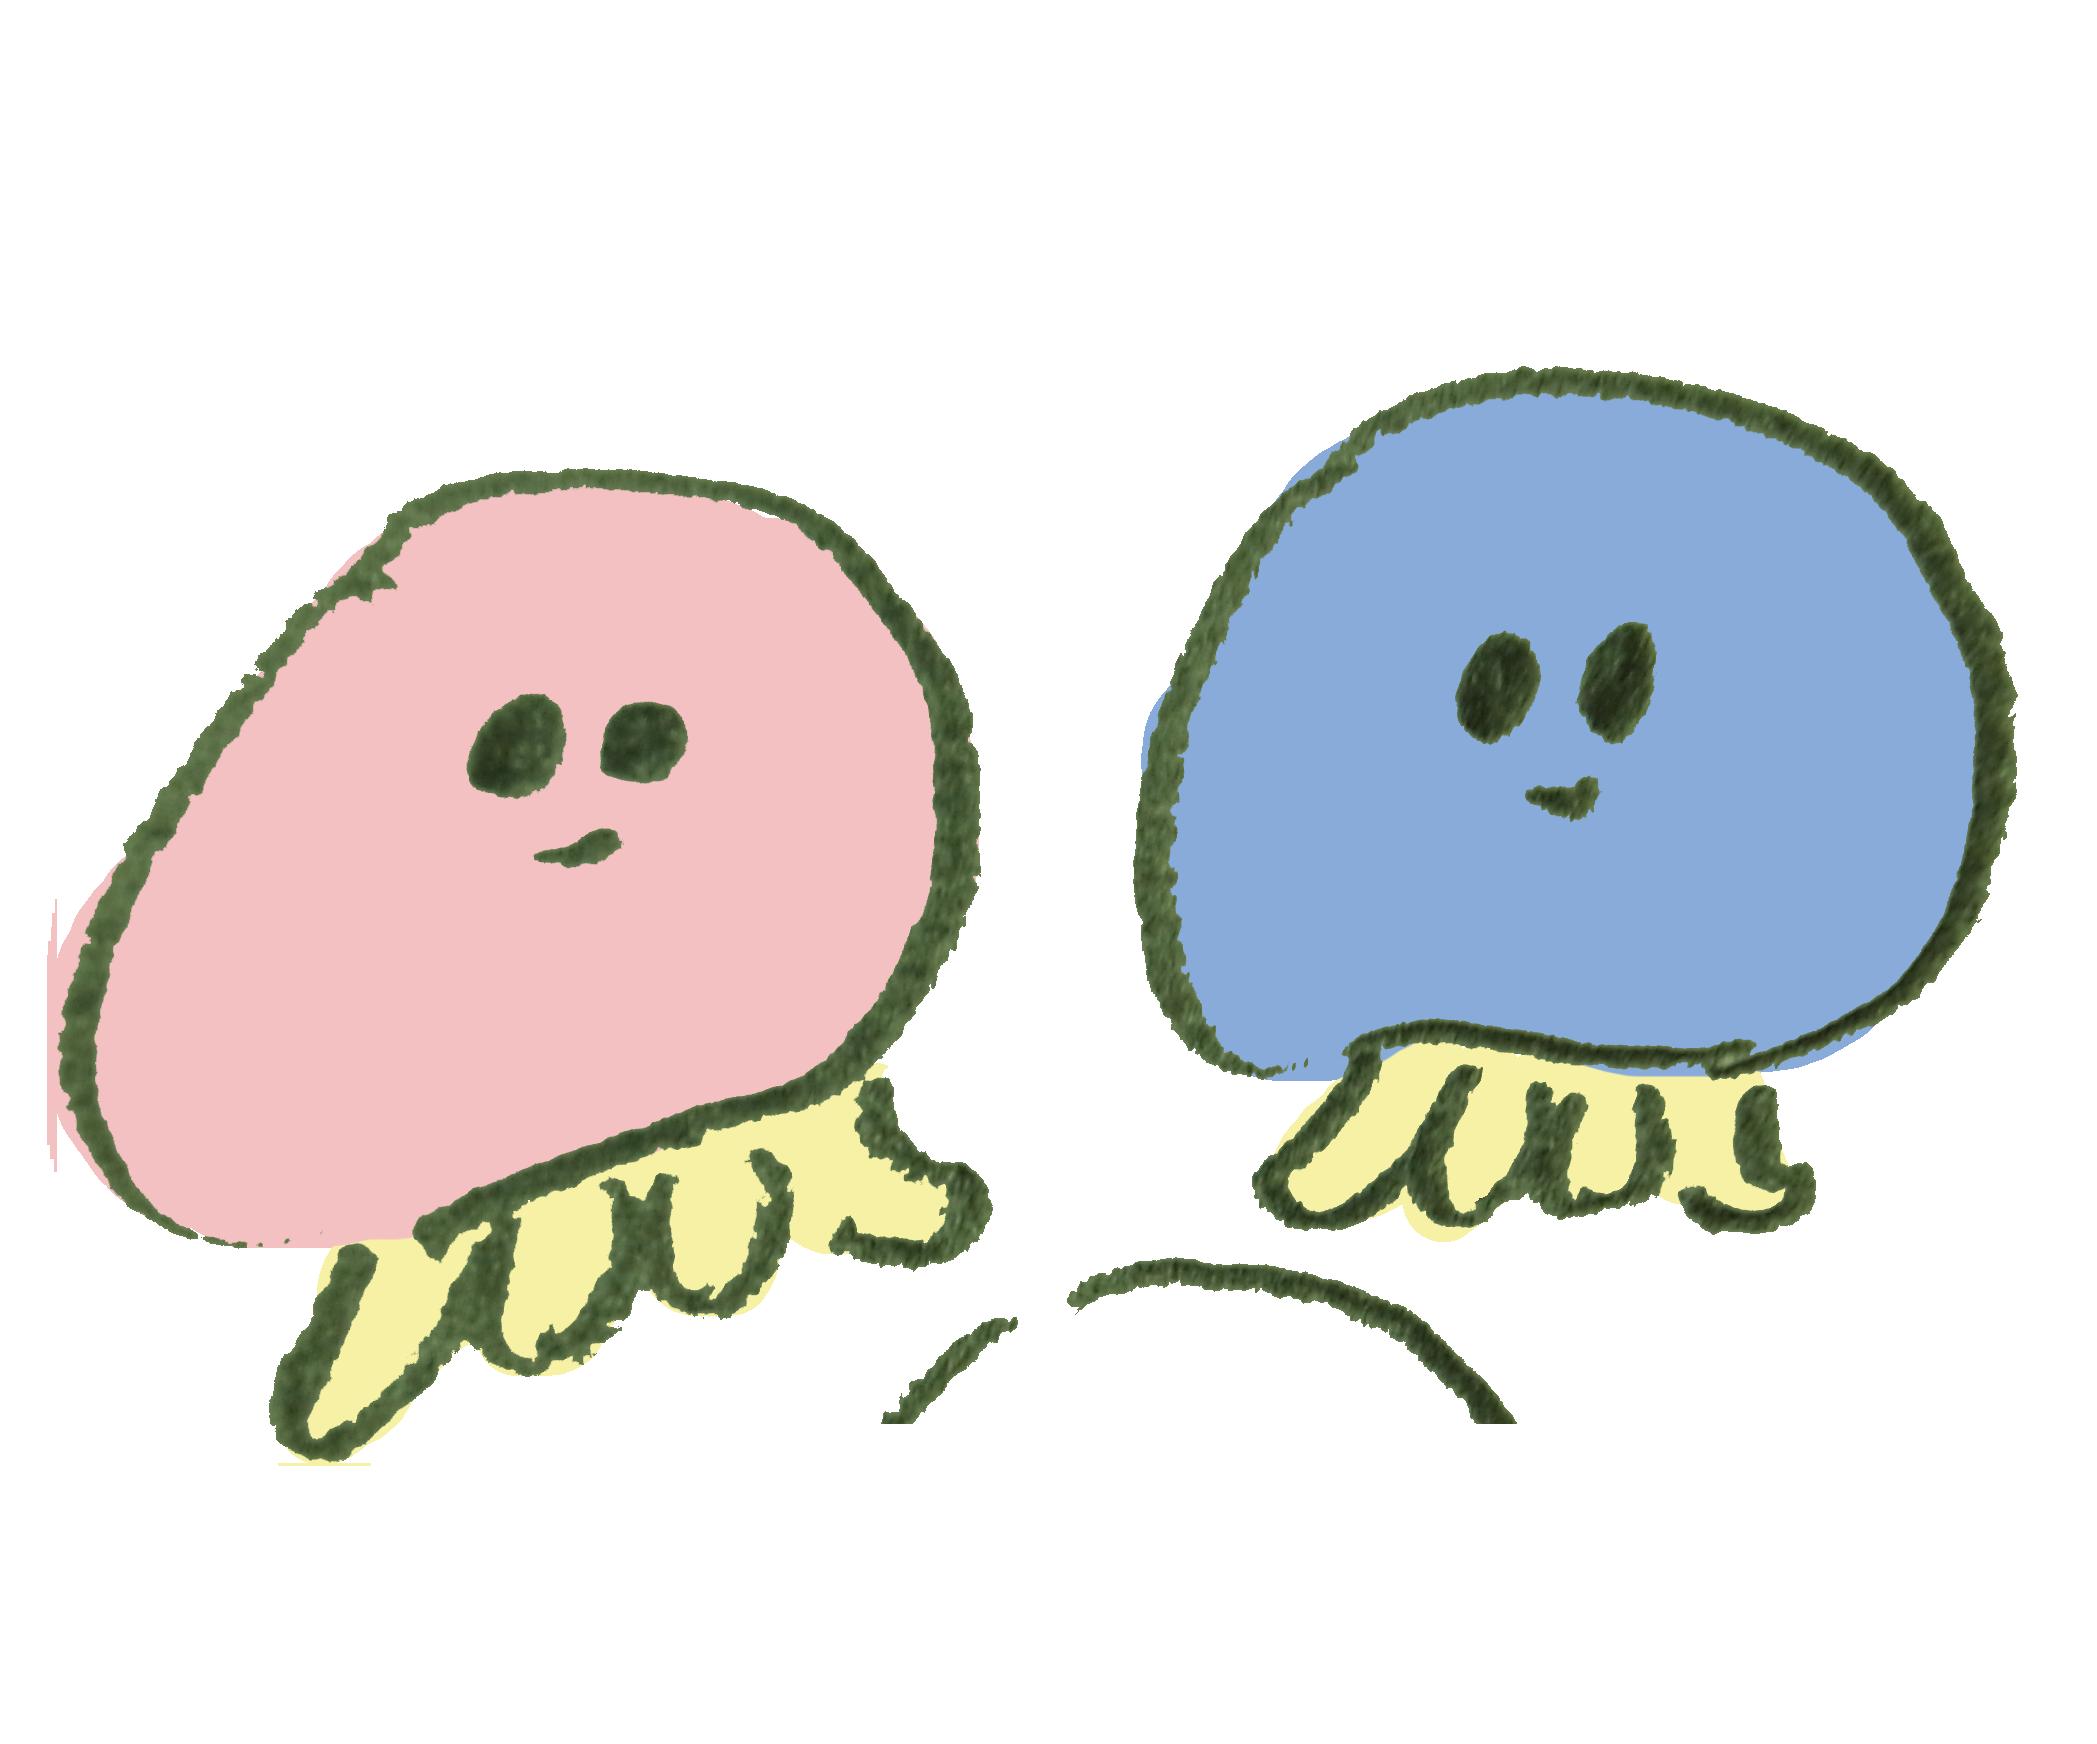 クラゲのカップルのイラスト | ゆるくてかわいい無料イラスト素材屋